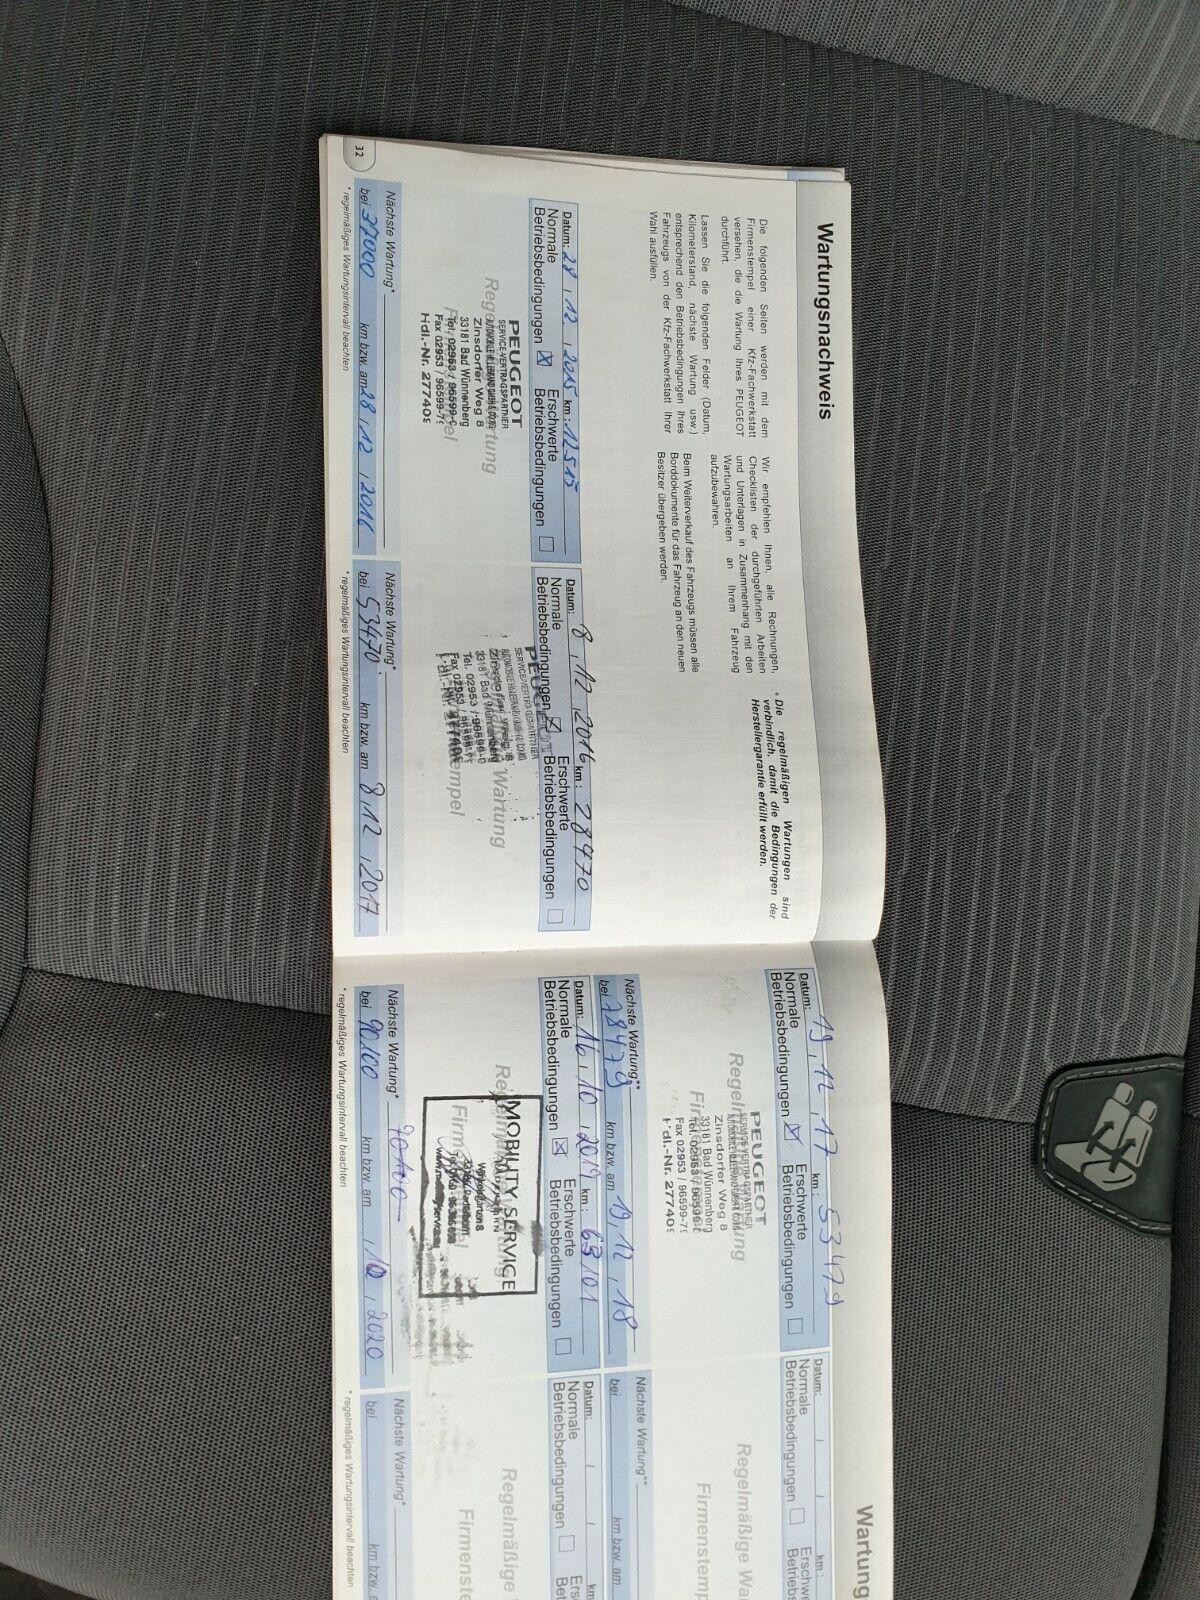 Full Size of Fenster Klimaanlage Einbauen Schlauch Adapter Noria Kaufen Wohnwagen Klimaanlagen Abdichten Test Peugeot Partner L2 Komfortklimaanlagepdcrcde Deine Trocal Wohnzimmer Fenster Klimaanlage